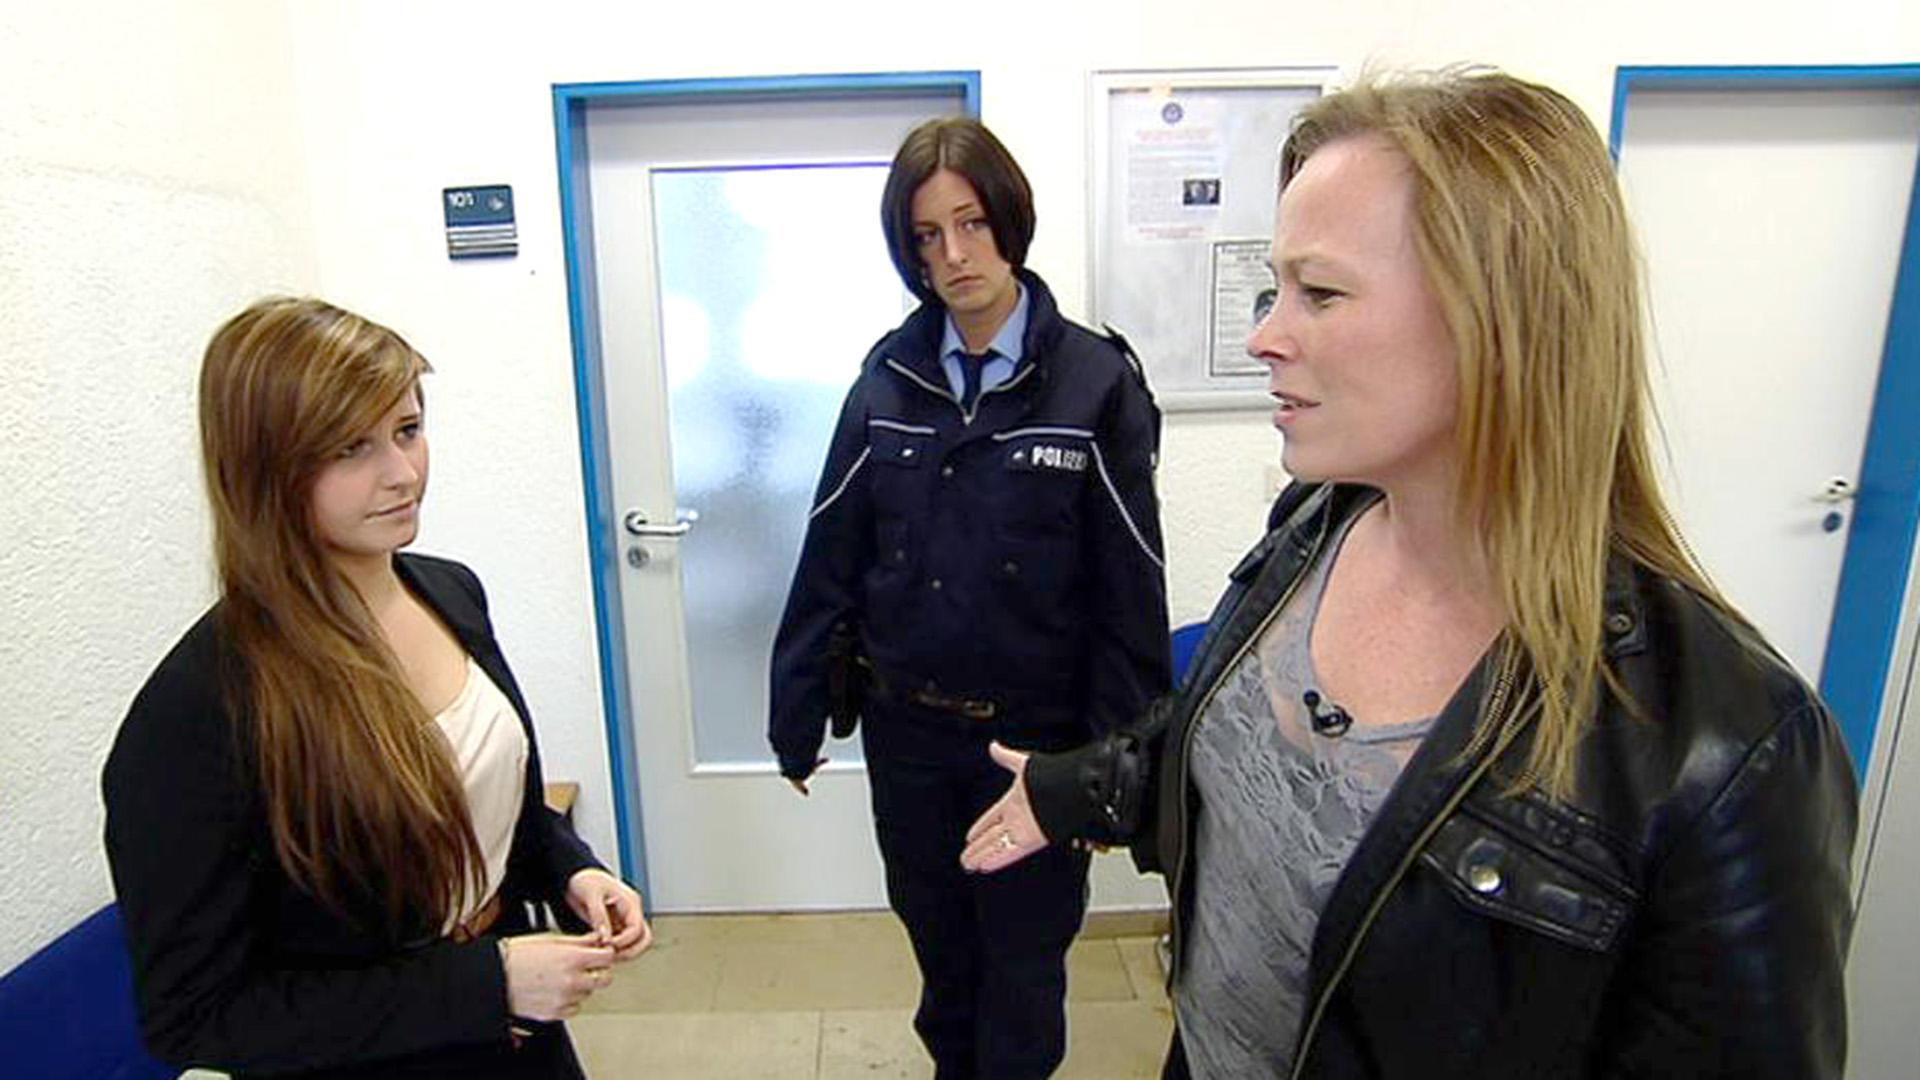 14-Jährige meldet Pflegemutter der Polizei | Folge 20